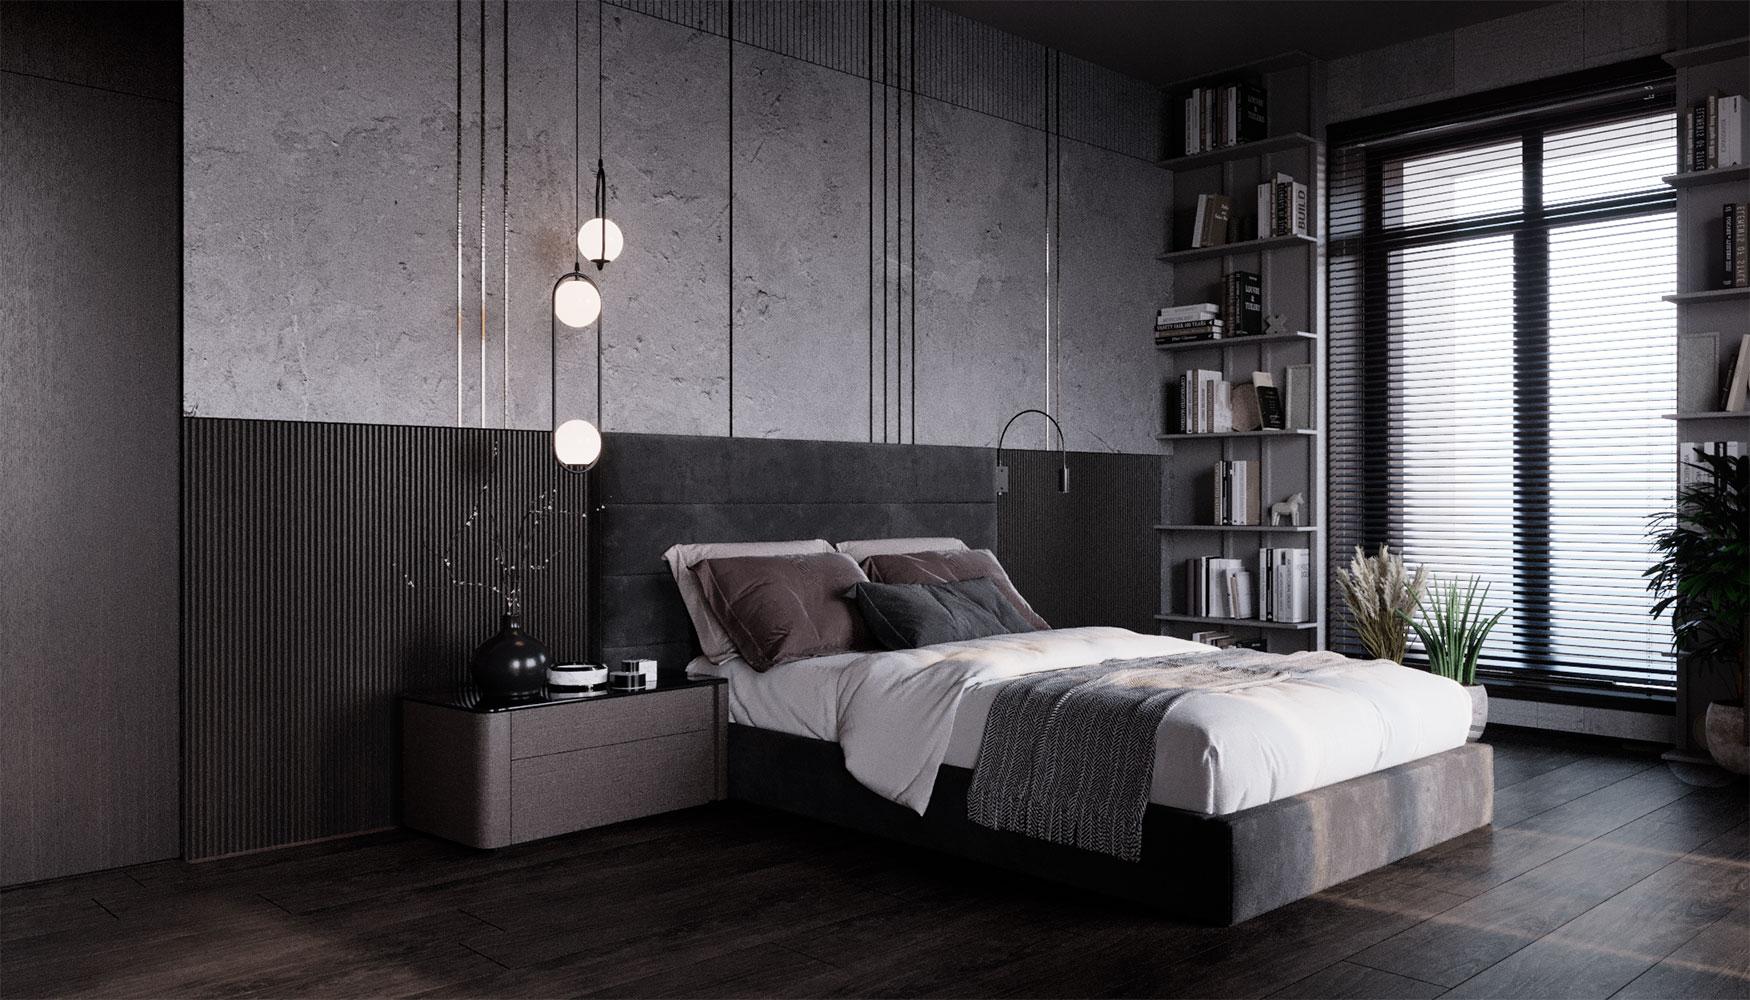 Преимущественно стены спален в таунхаусе оформлены штукатуркой с участием вставок из металлического профиля